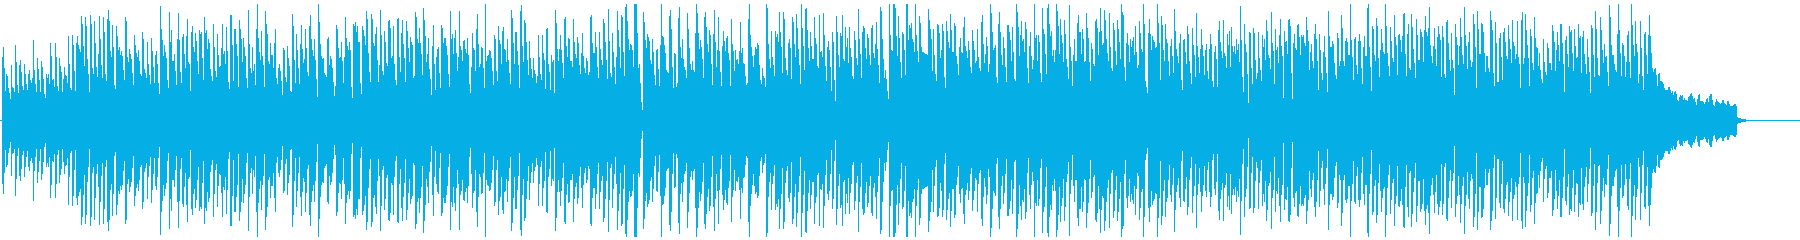 わくわく元気なリコーダー曲、カートゥーンの再生済みの波形